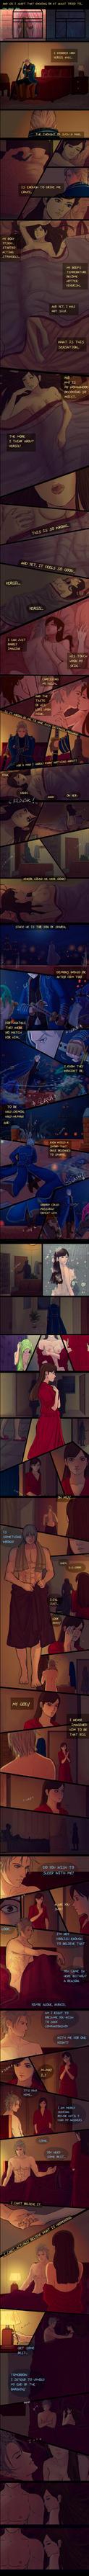 /.. Before it ends ..\ (4) by AngelJasiel